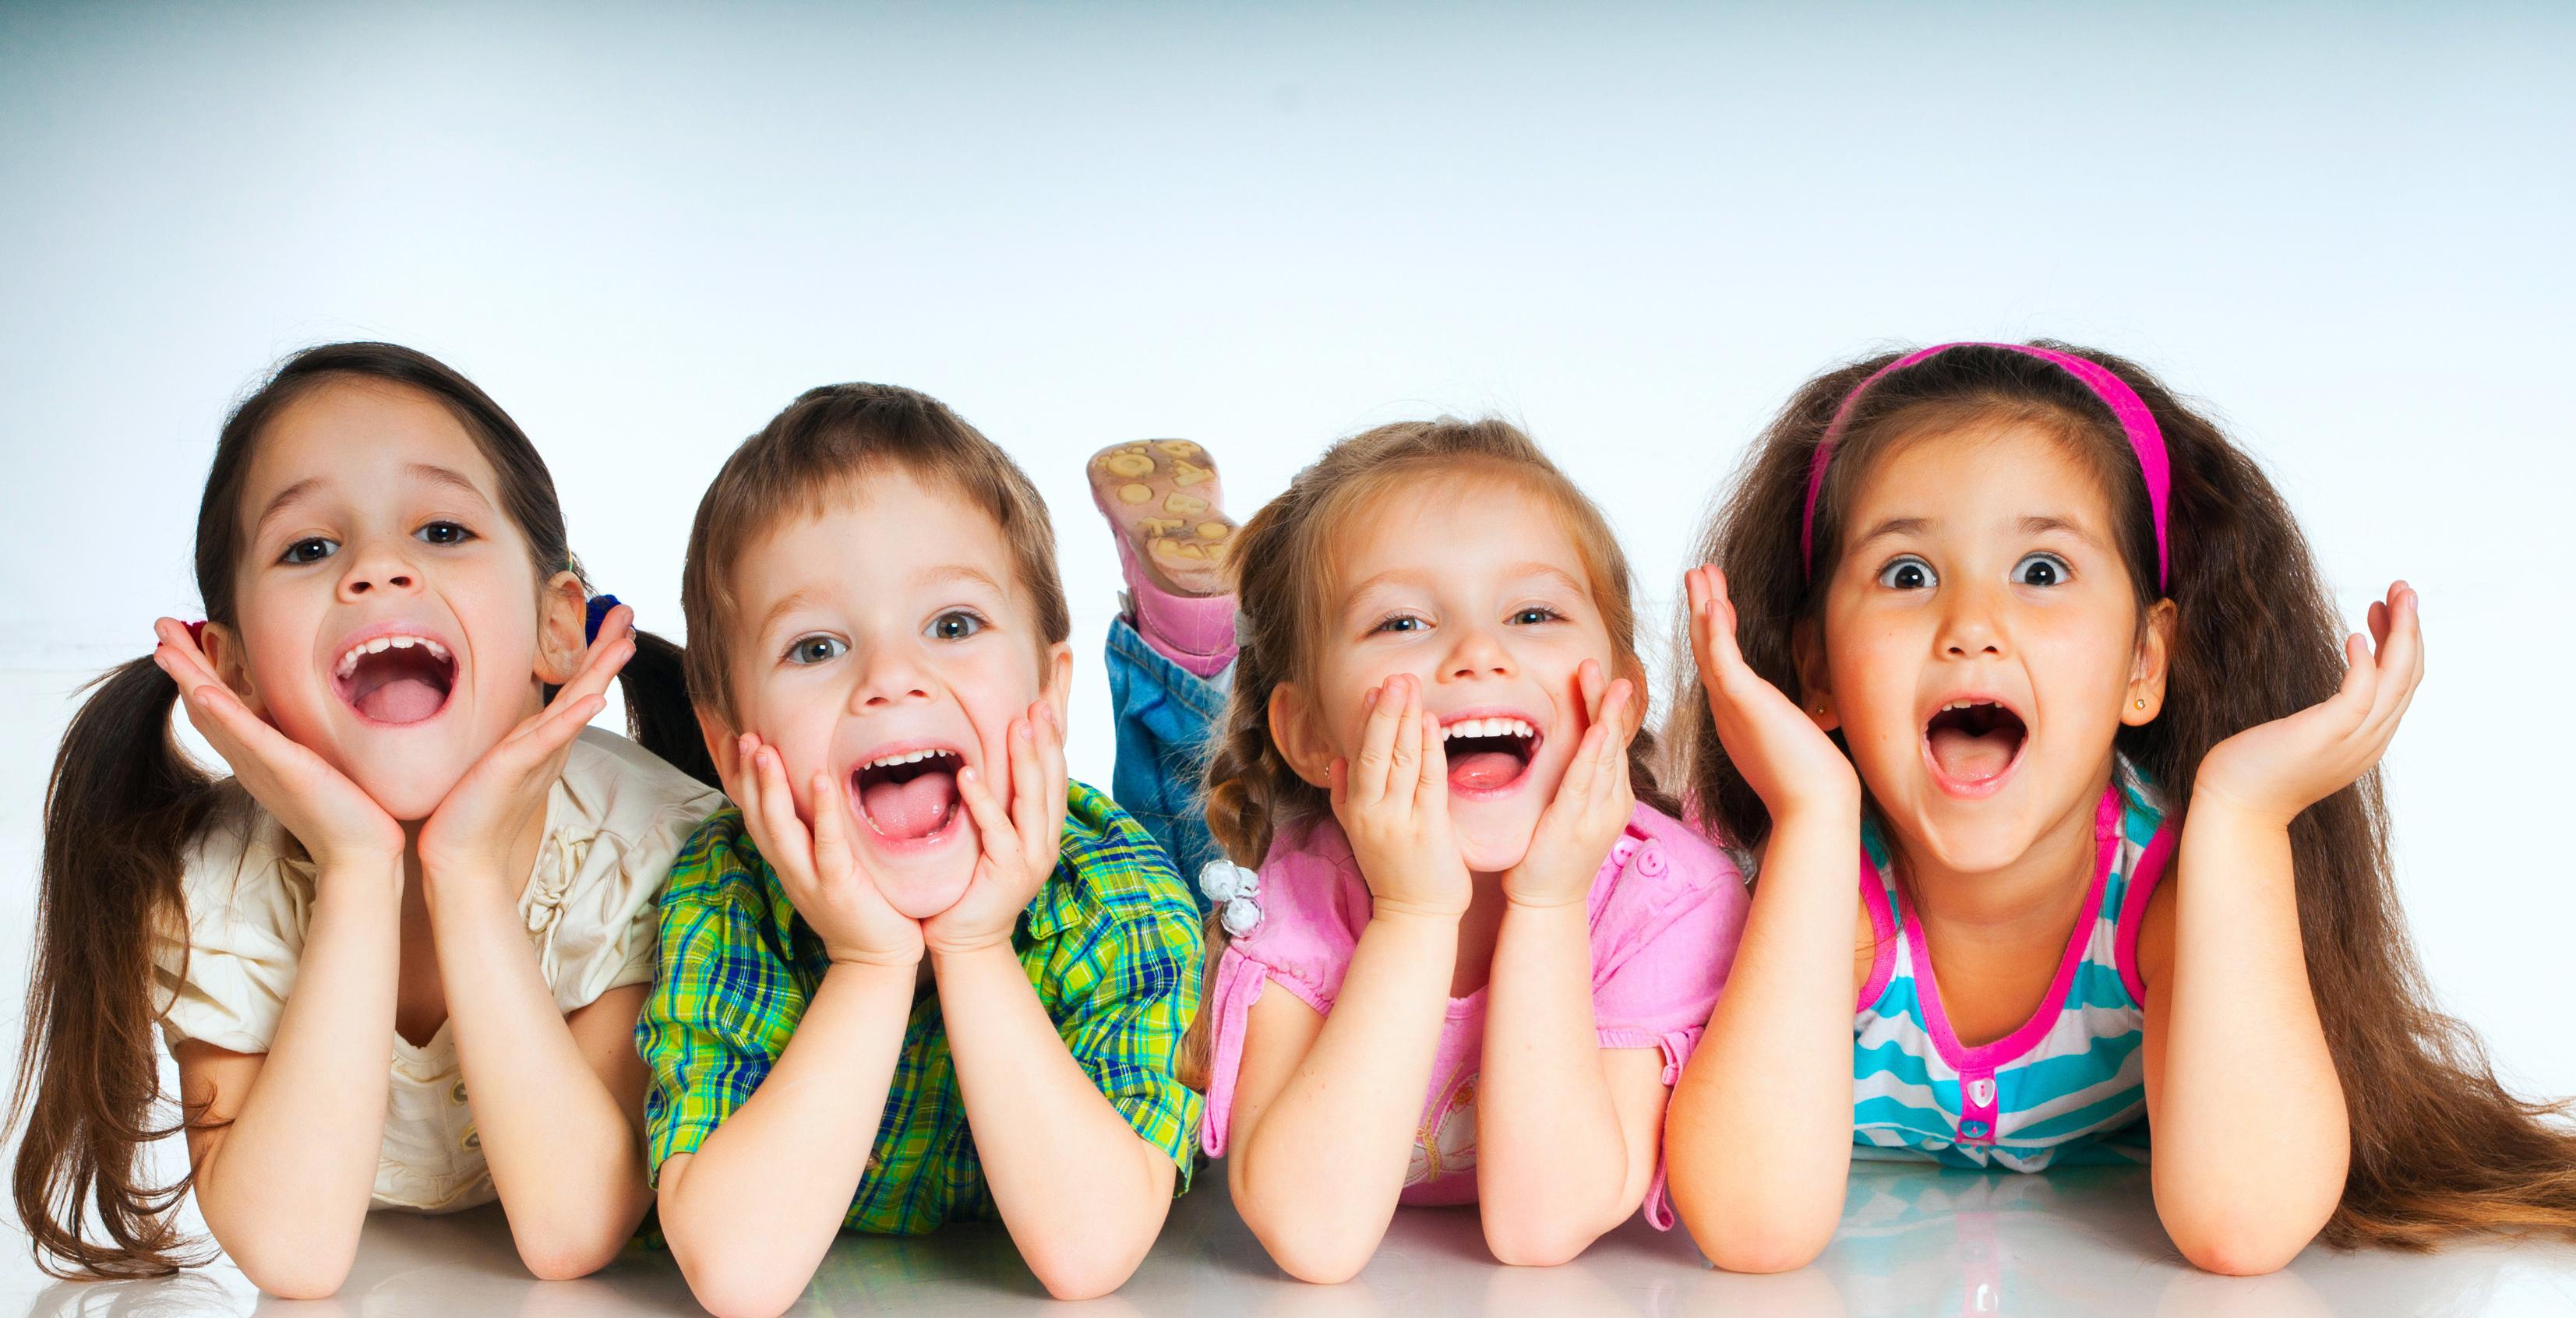 Làm sao để phòng các bệnh nha chu ở trẻ em? 1